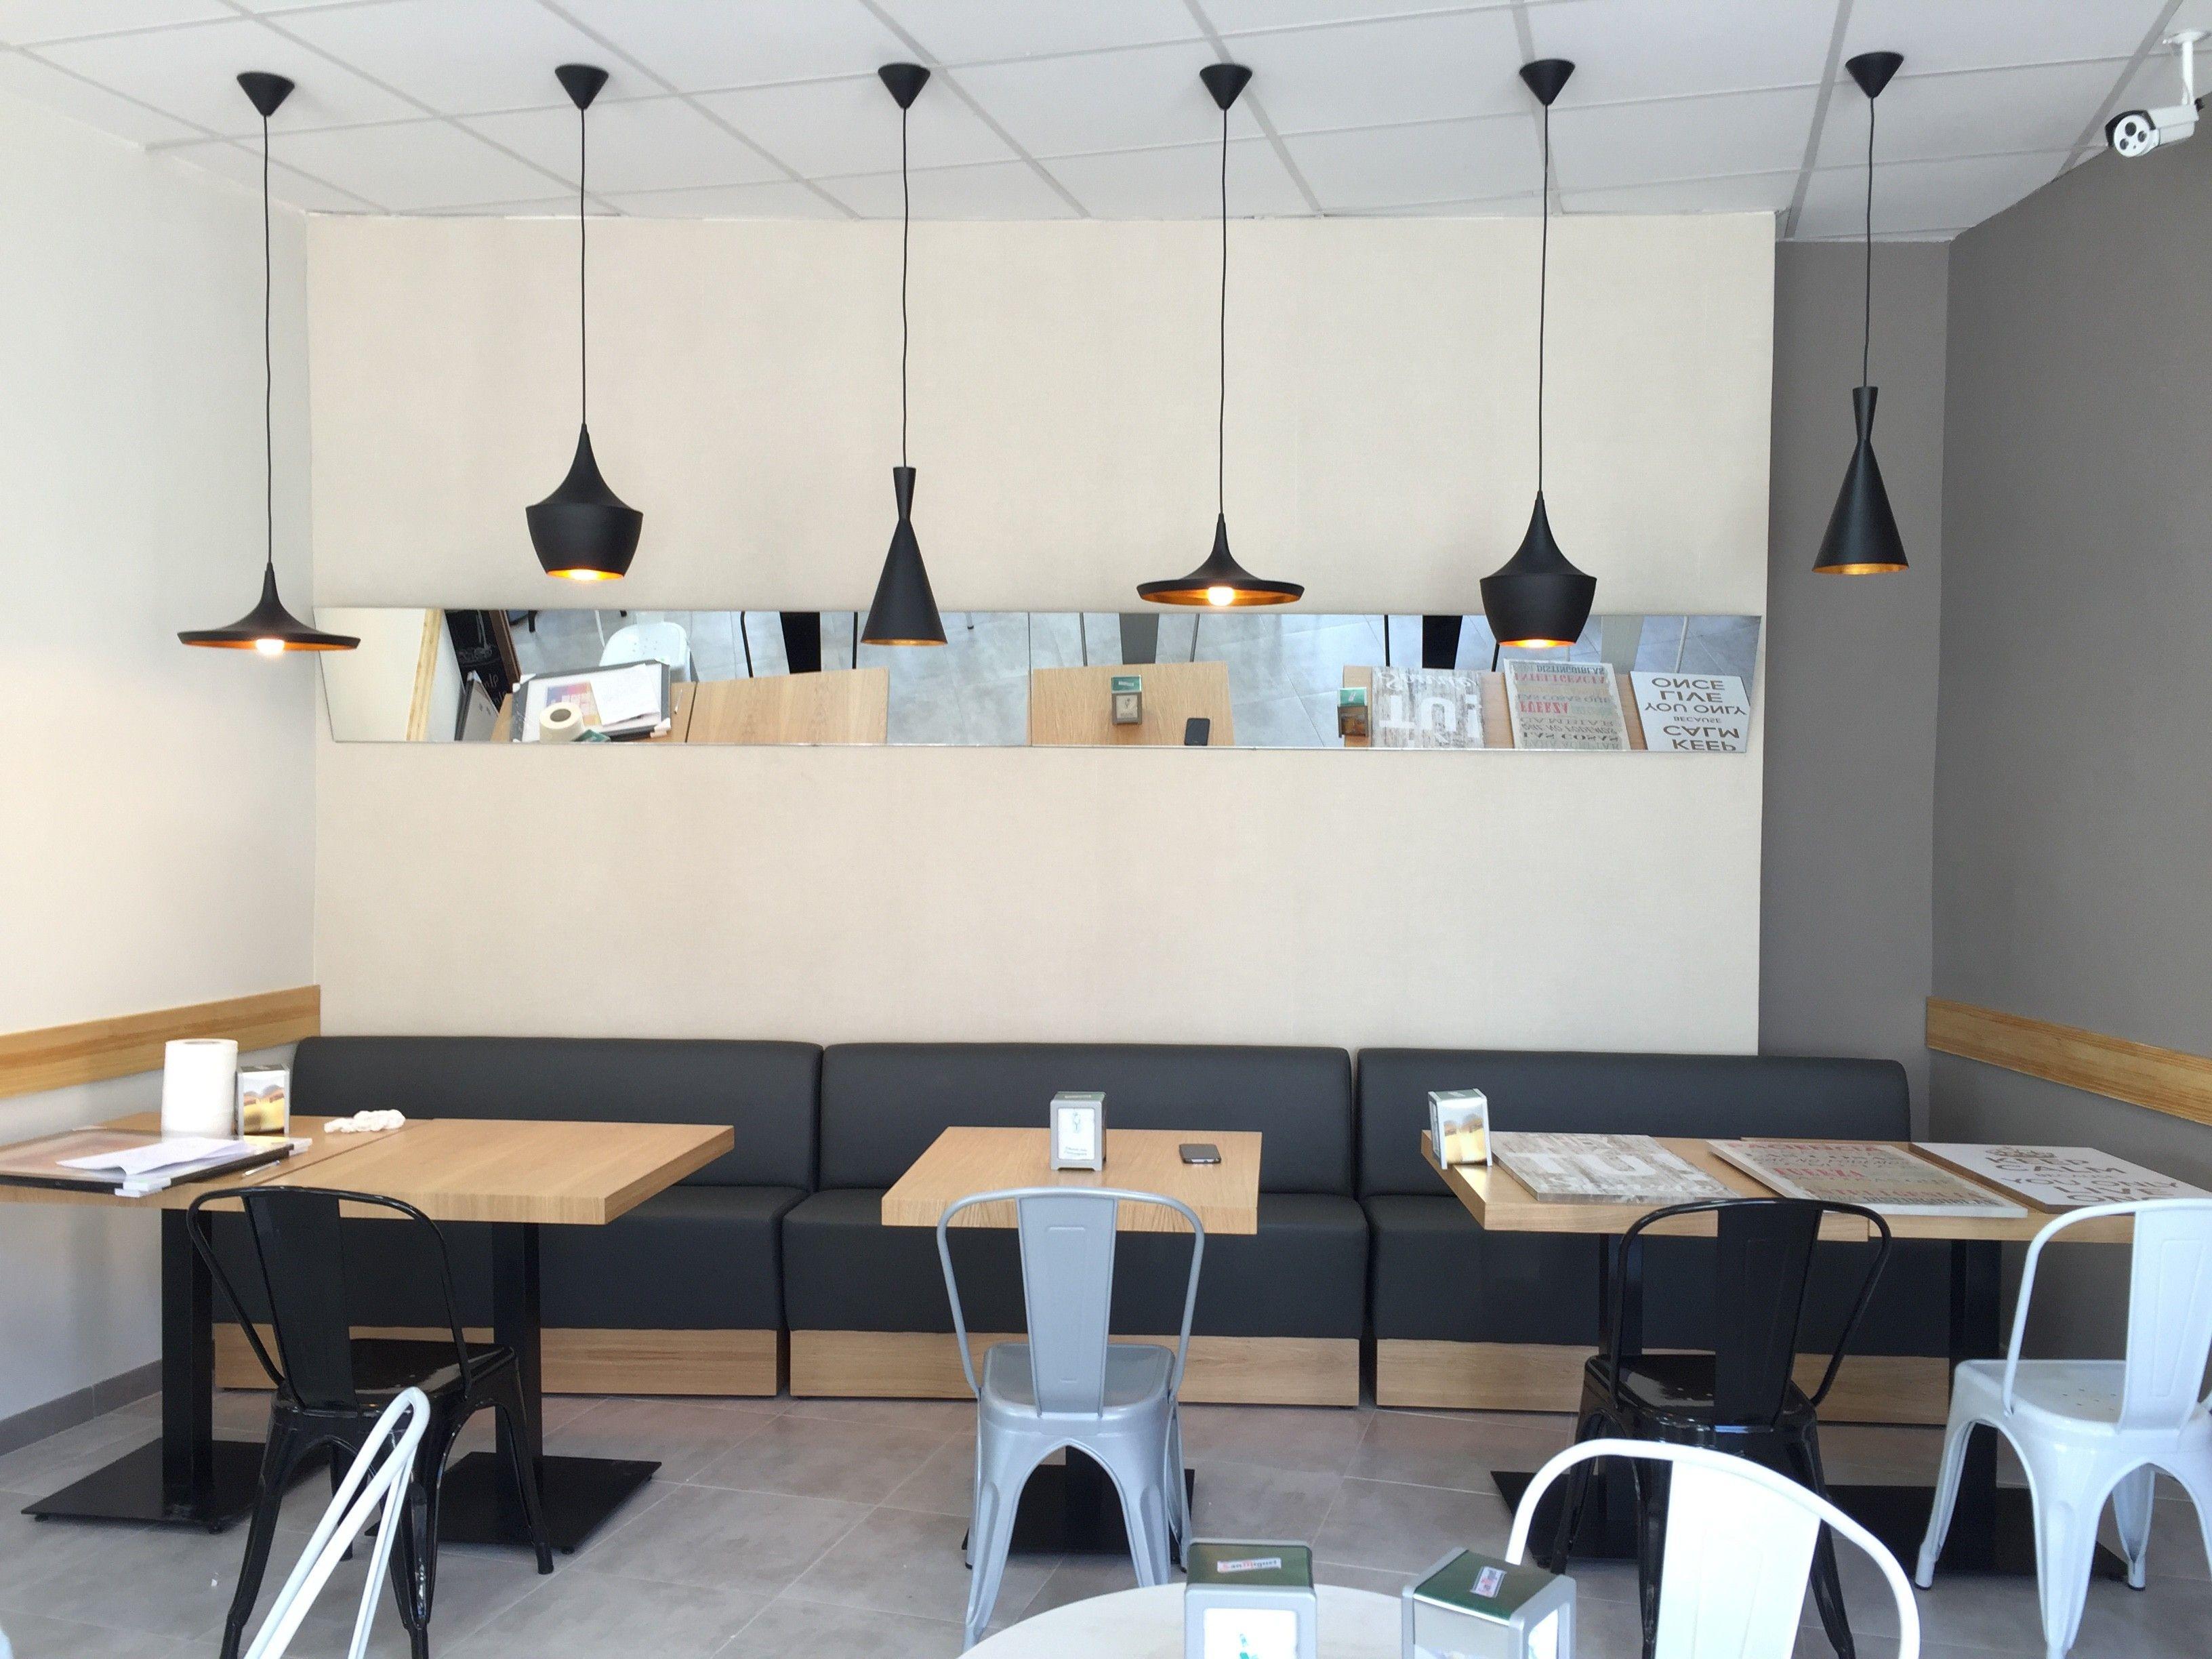 Sillas Para Cafeteria C Mo Elegir Las Correctas Para Tu Negocio  # Muebles Hoteles Venta